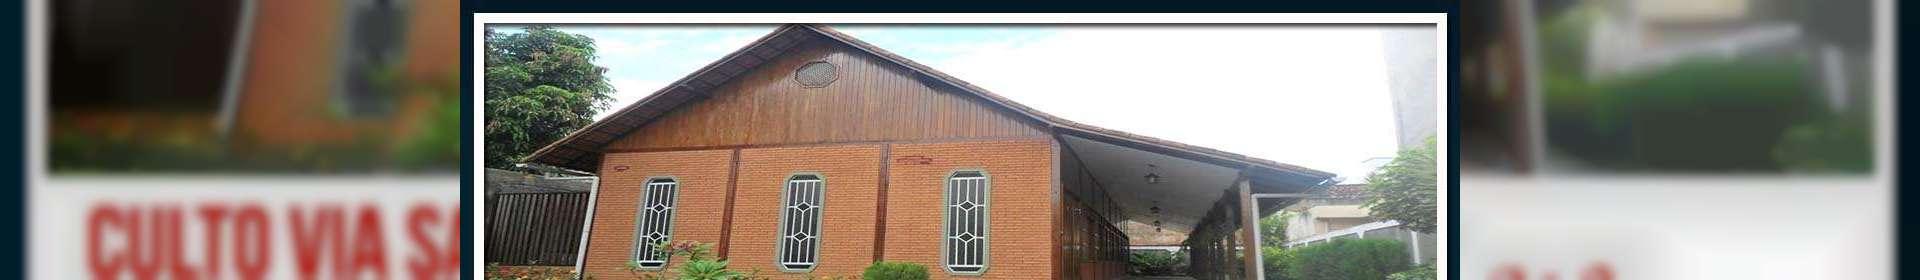 Culto via satélite da Igreja Cristã Maranata